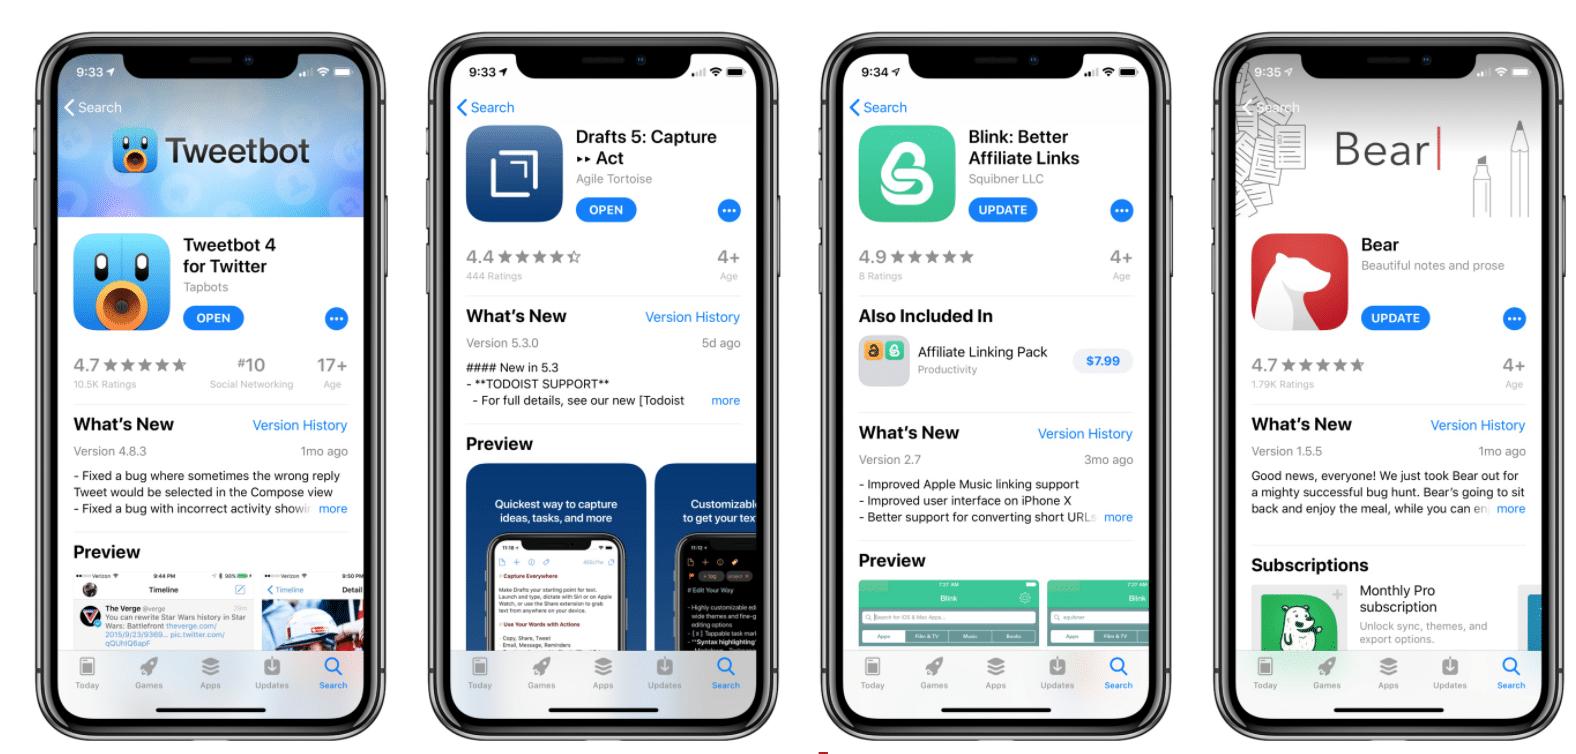 Inserire le parole chiave nel nome dell'app è una buona strategia di ottimizzazione dell'App Store. La tua app avrà maggiori probabilità di classificarsi per le parole chiave nel nome dell'app.